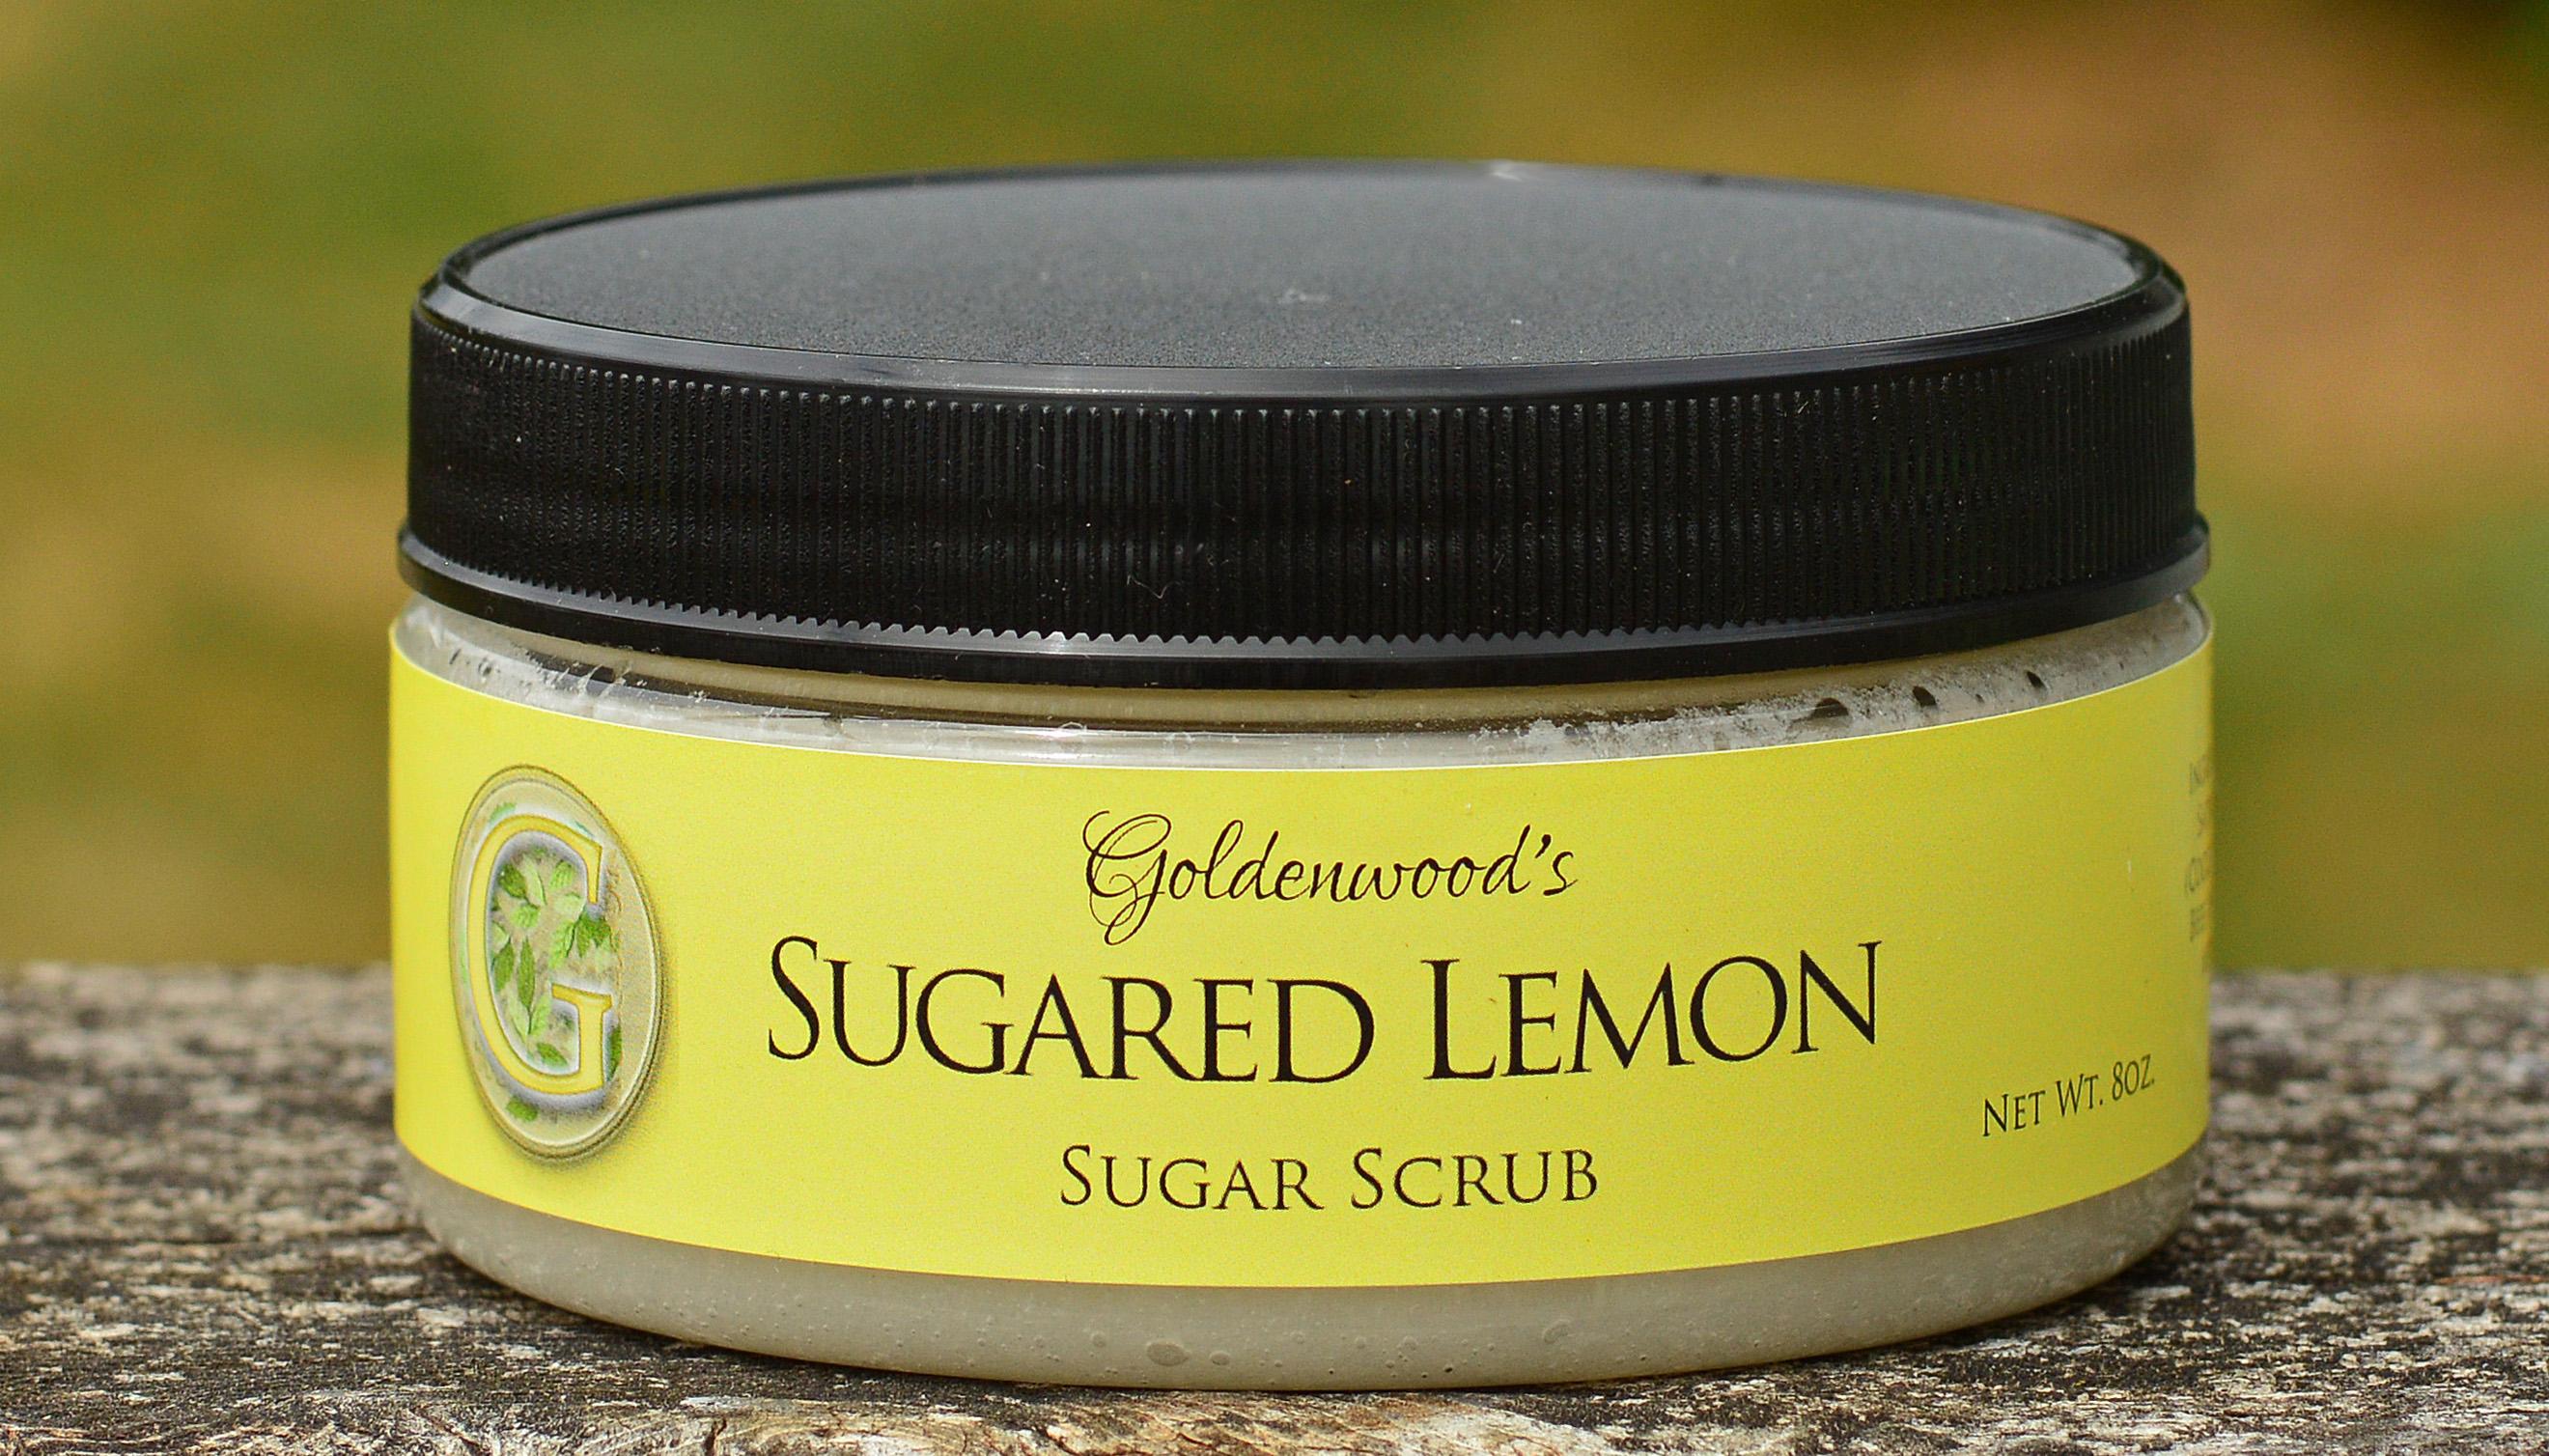 Sugared Lemon Sugar Scrub